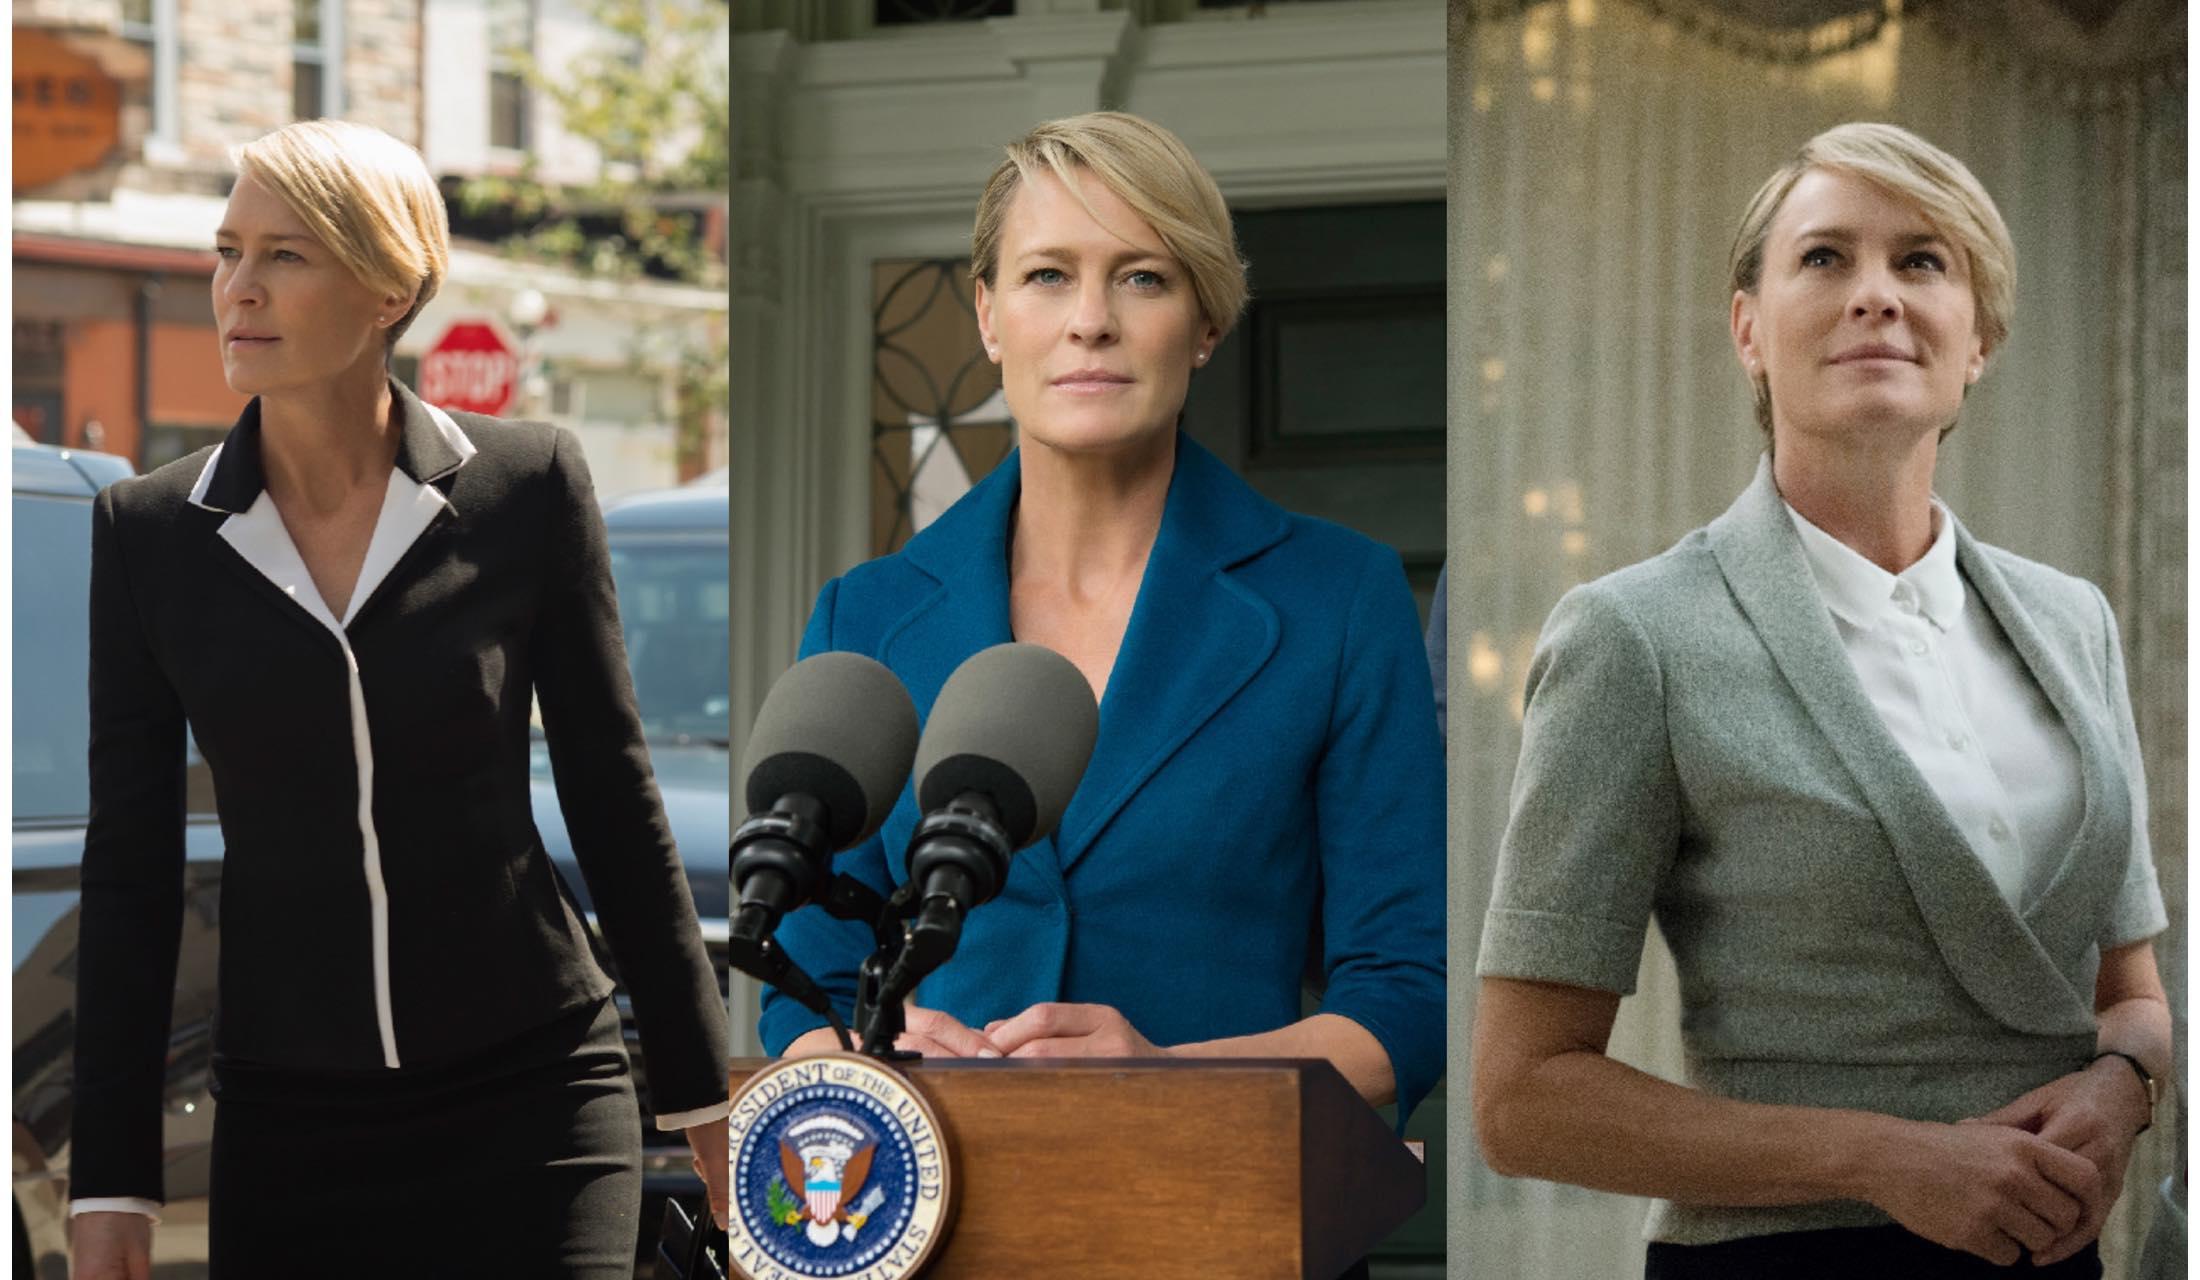 海外ドラマ『House of Cards』で女優のRobin Wright(ロビン・ライト)が披露した政治家の妻のジャケットスタイル